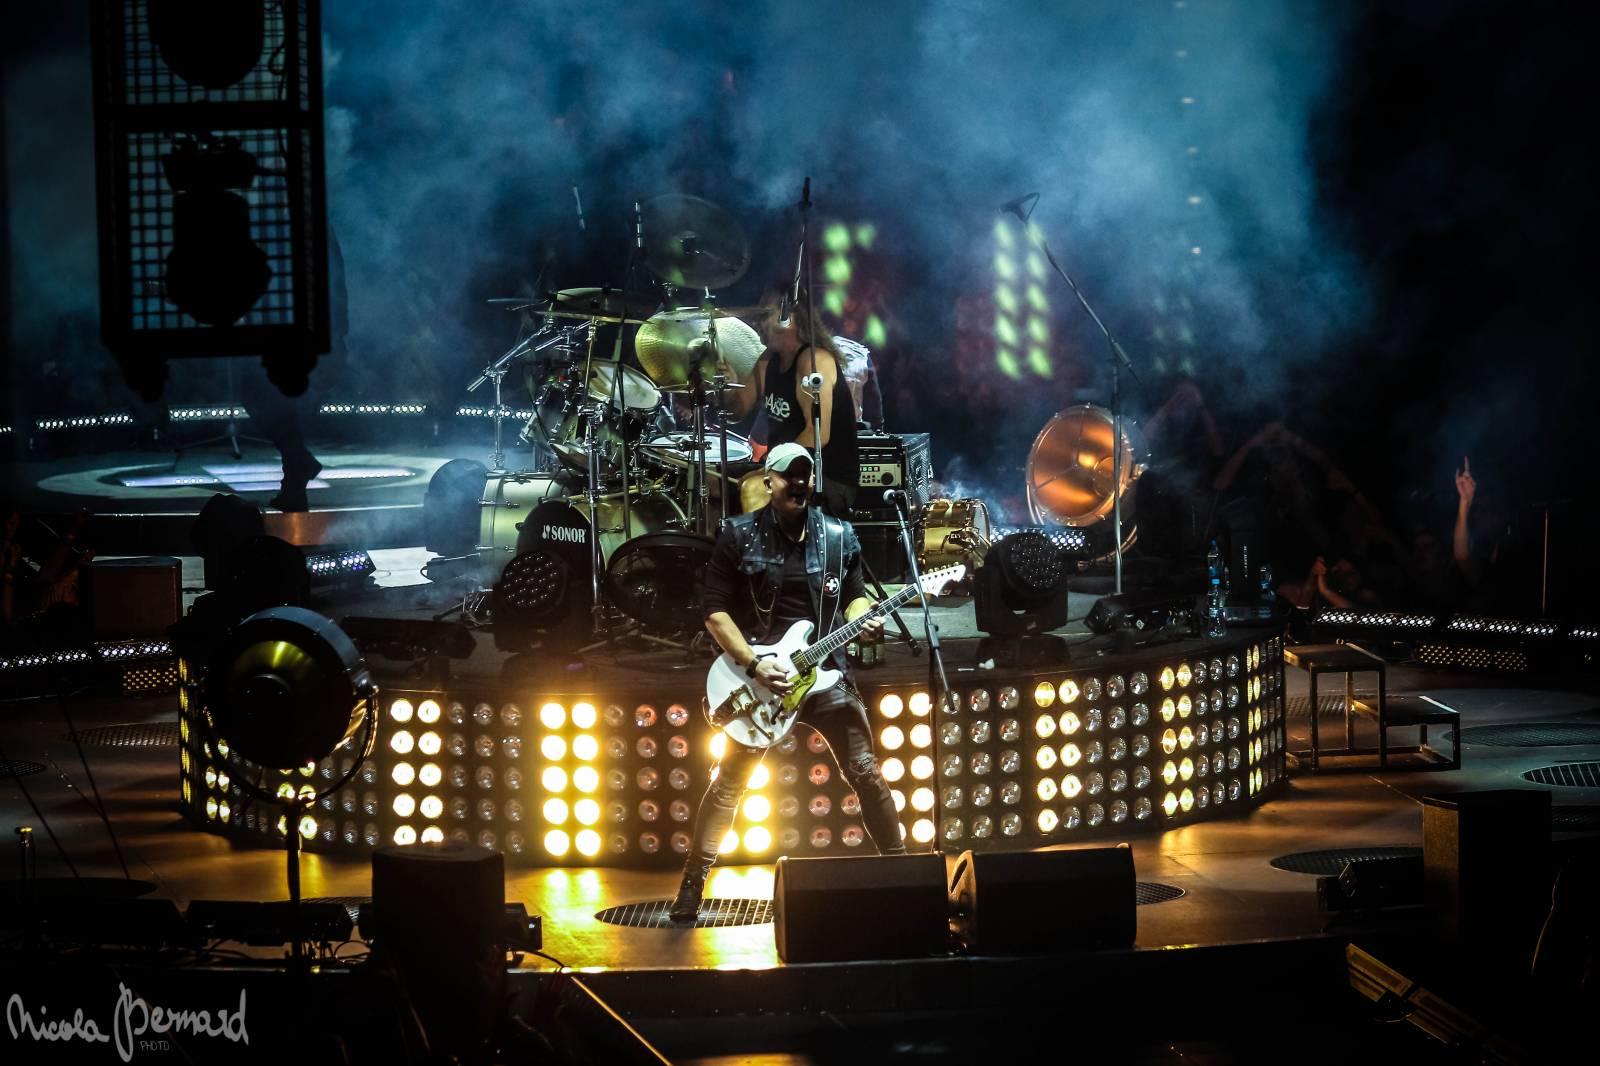 LIVE  Kabát uzavřel turné skvělou show v O2 areně s rekordním počtem diváků   841344059fe